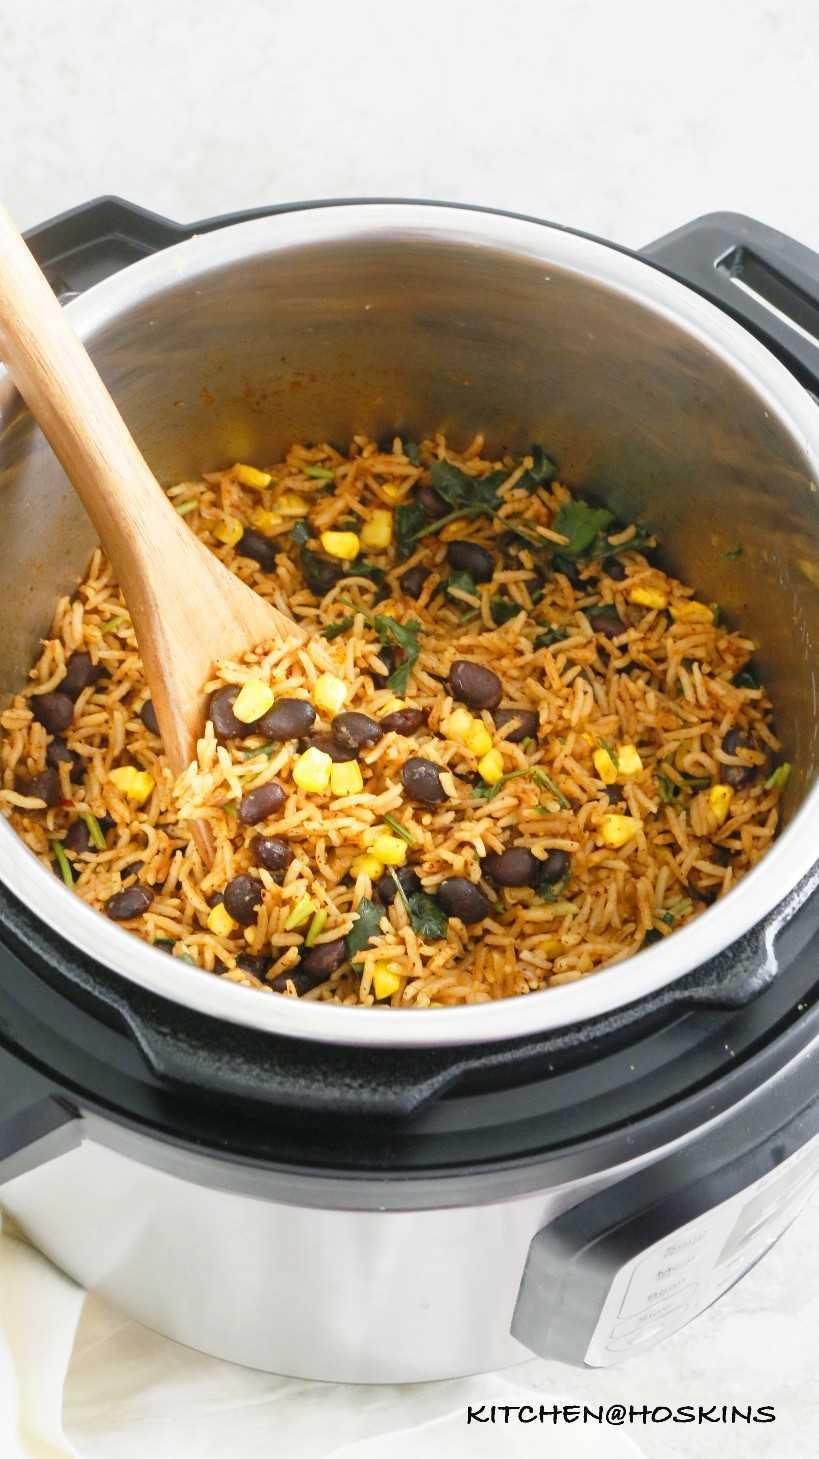 Arroz instantáneo picante, cilantro, lima, frijoles negros y maíz.